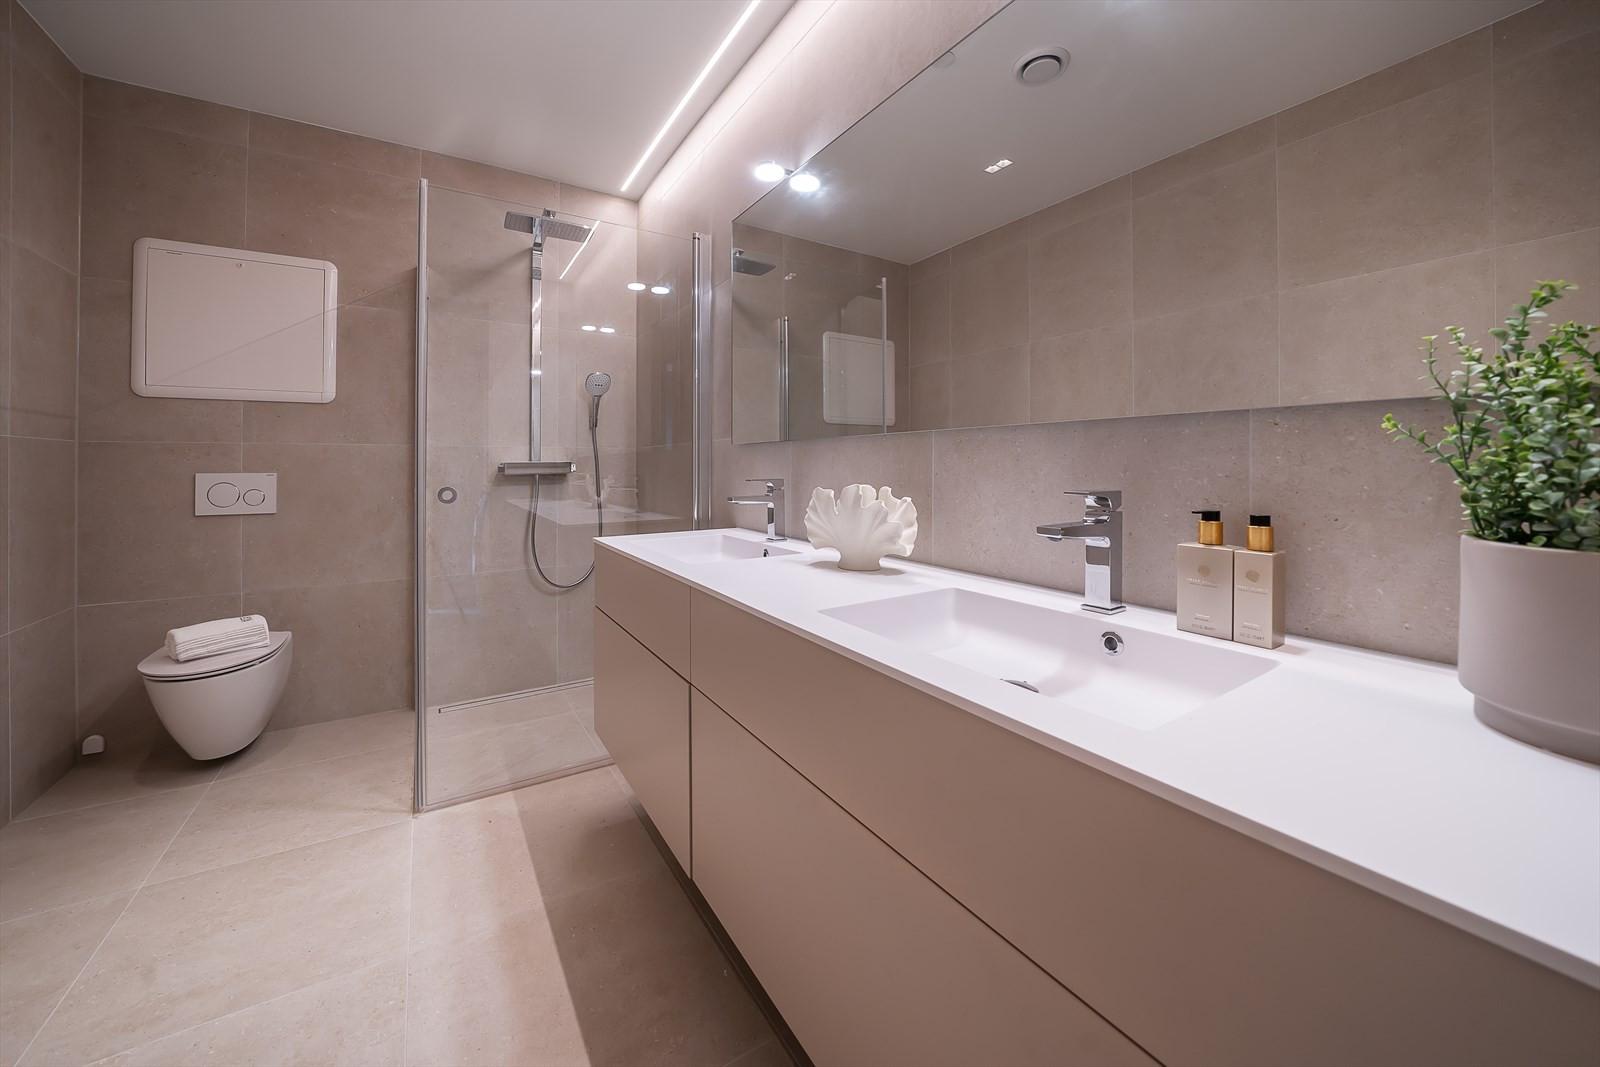 Hovedbad med stor dusj, doble servanter og stort speil